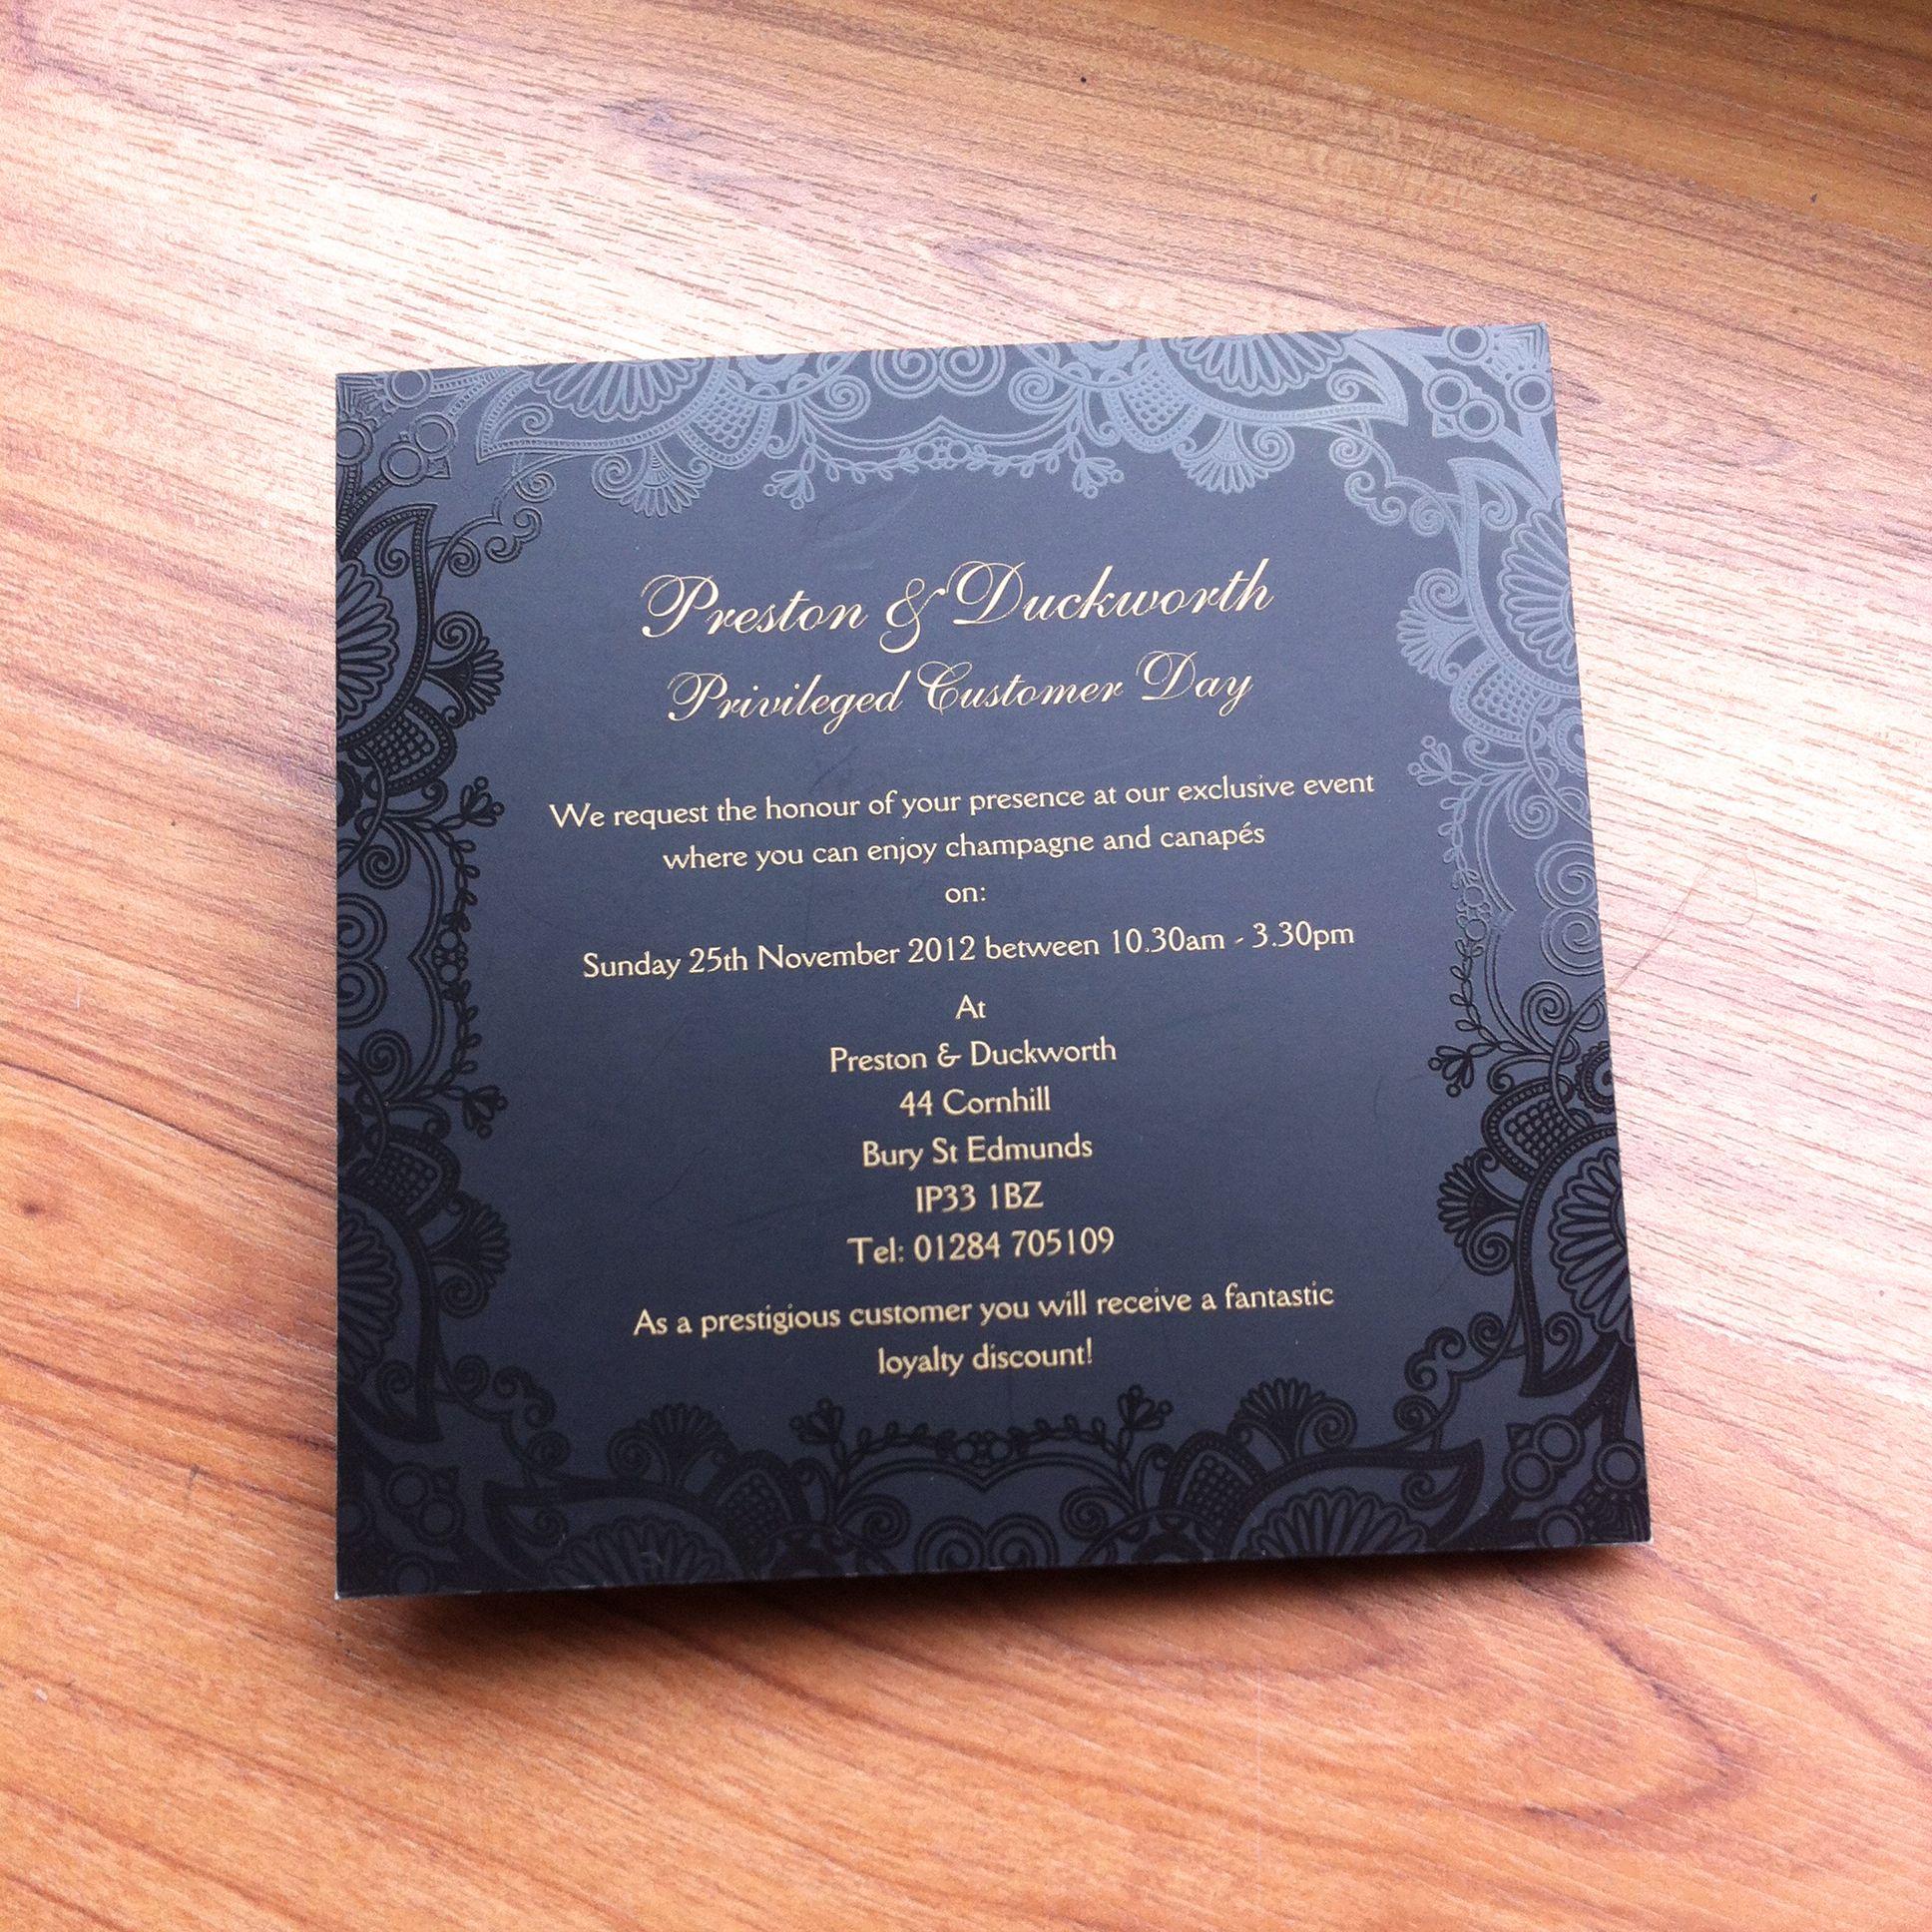 Spot Uv Invitation 400gsm Silk With Matt Lamination And Spot Uv Varnish Invitations Spot Uv Wedding Invitations